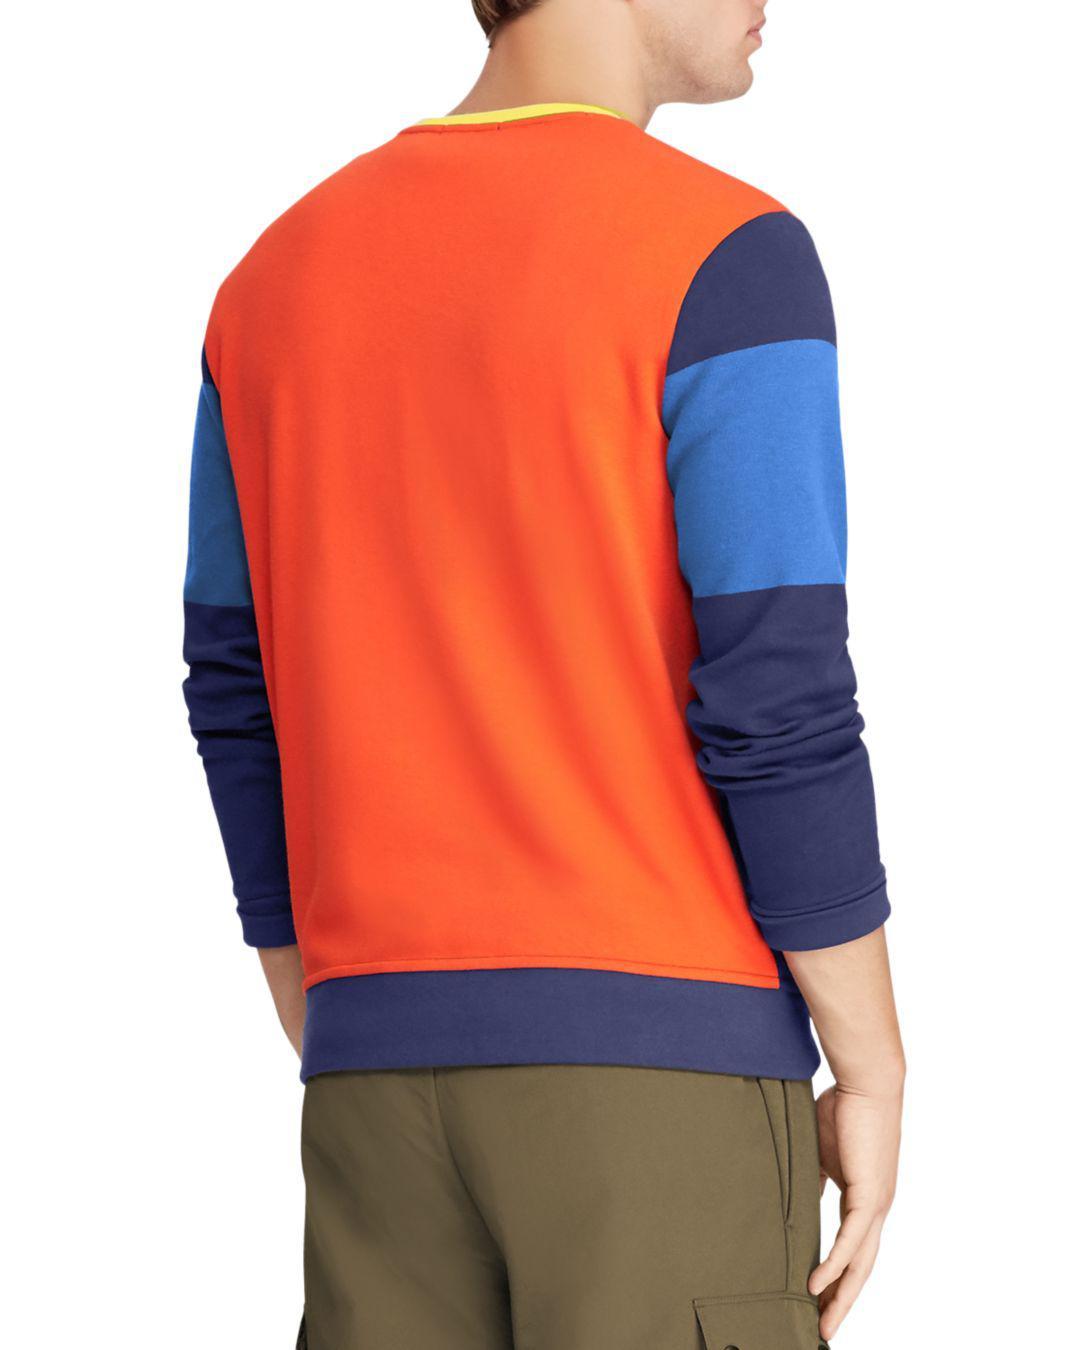 Lyst - Polo Ralph Lauren Hi Tech Double-knit Sweatshirt in Orange ... 10e24c8d9802